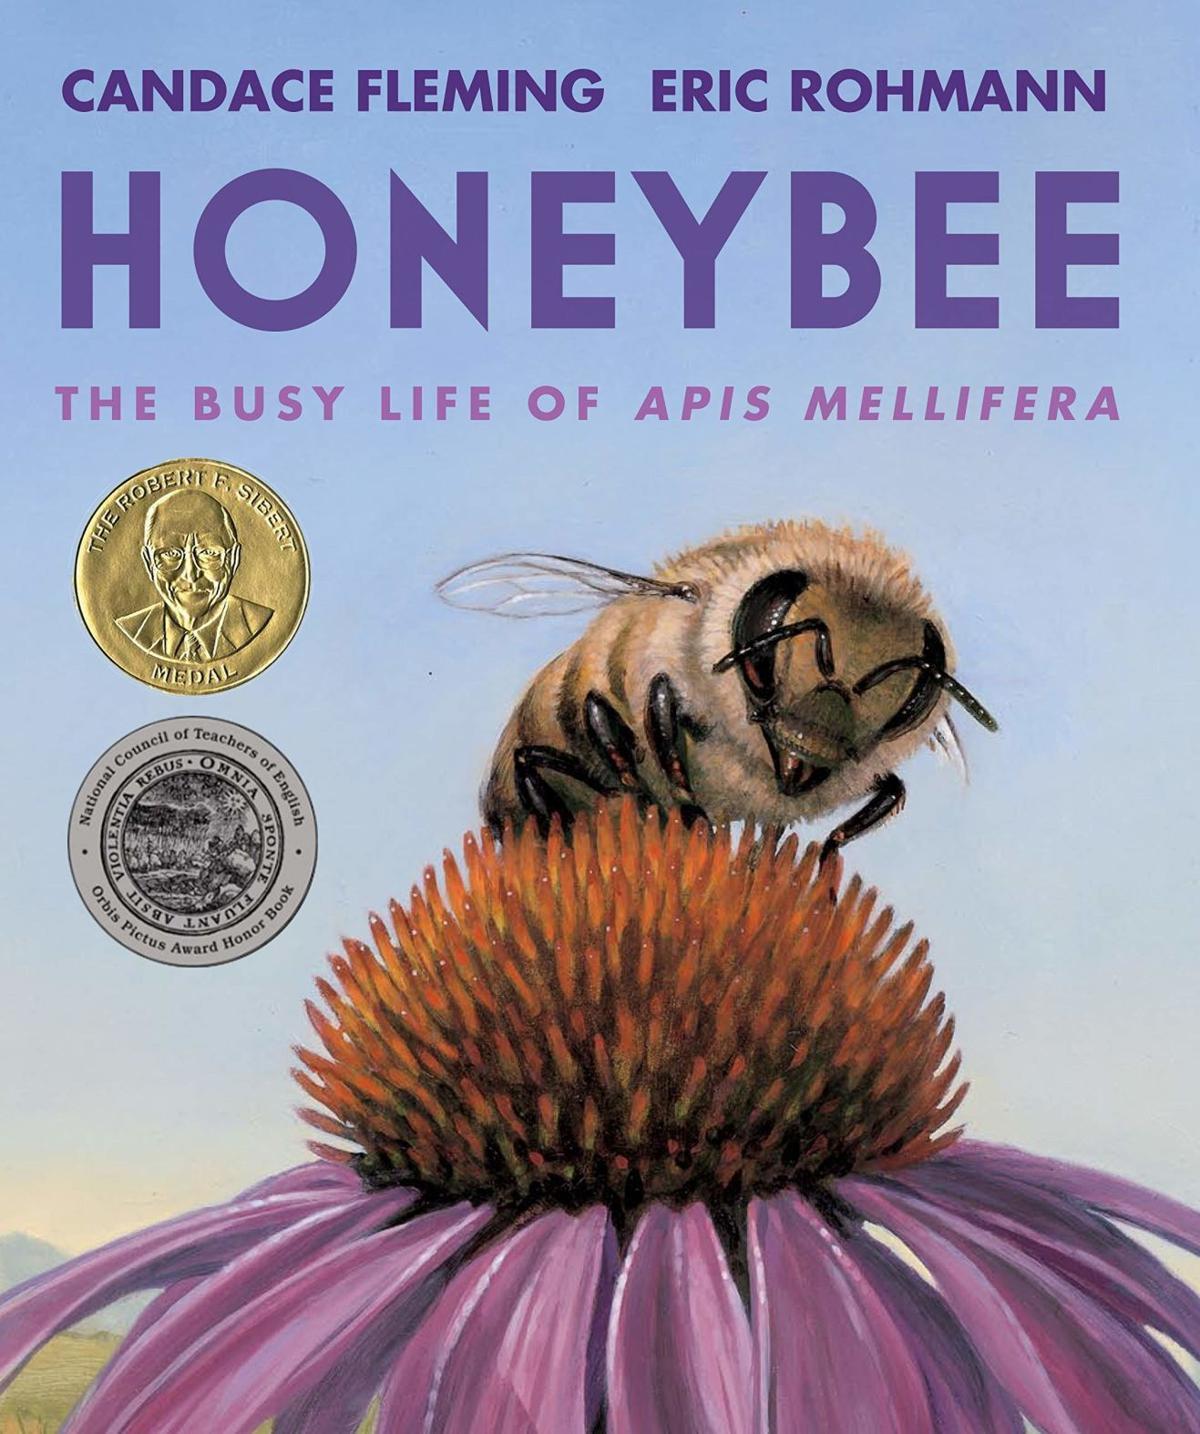 'Honeybee'